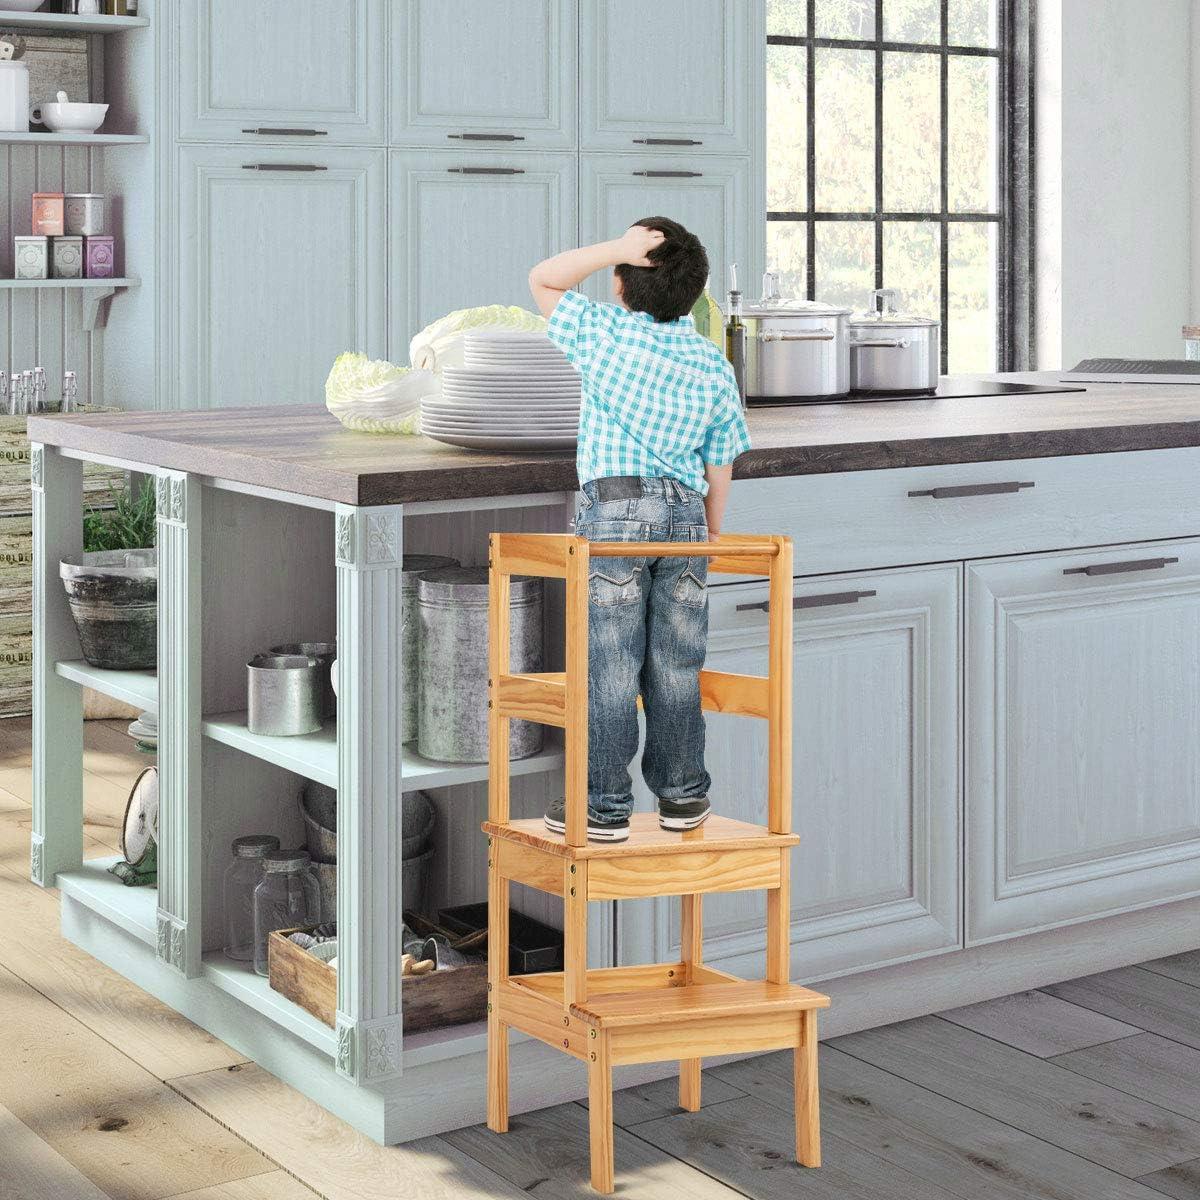 COSTWAY Torre de Aprendizaje Ayudante de Cocina Para Ni/ños Carga hasta 70kg Taburete de Madera Silla de Aprendizaje para Ni/ños